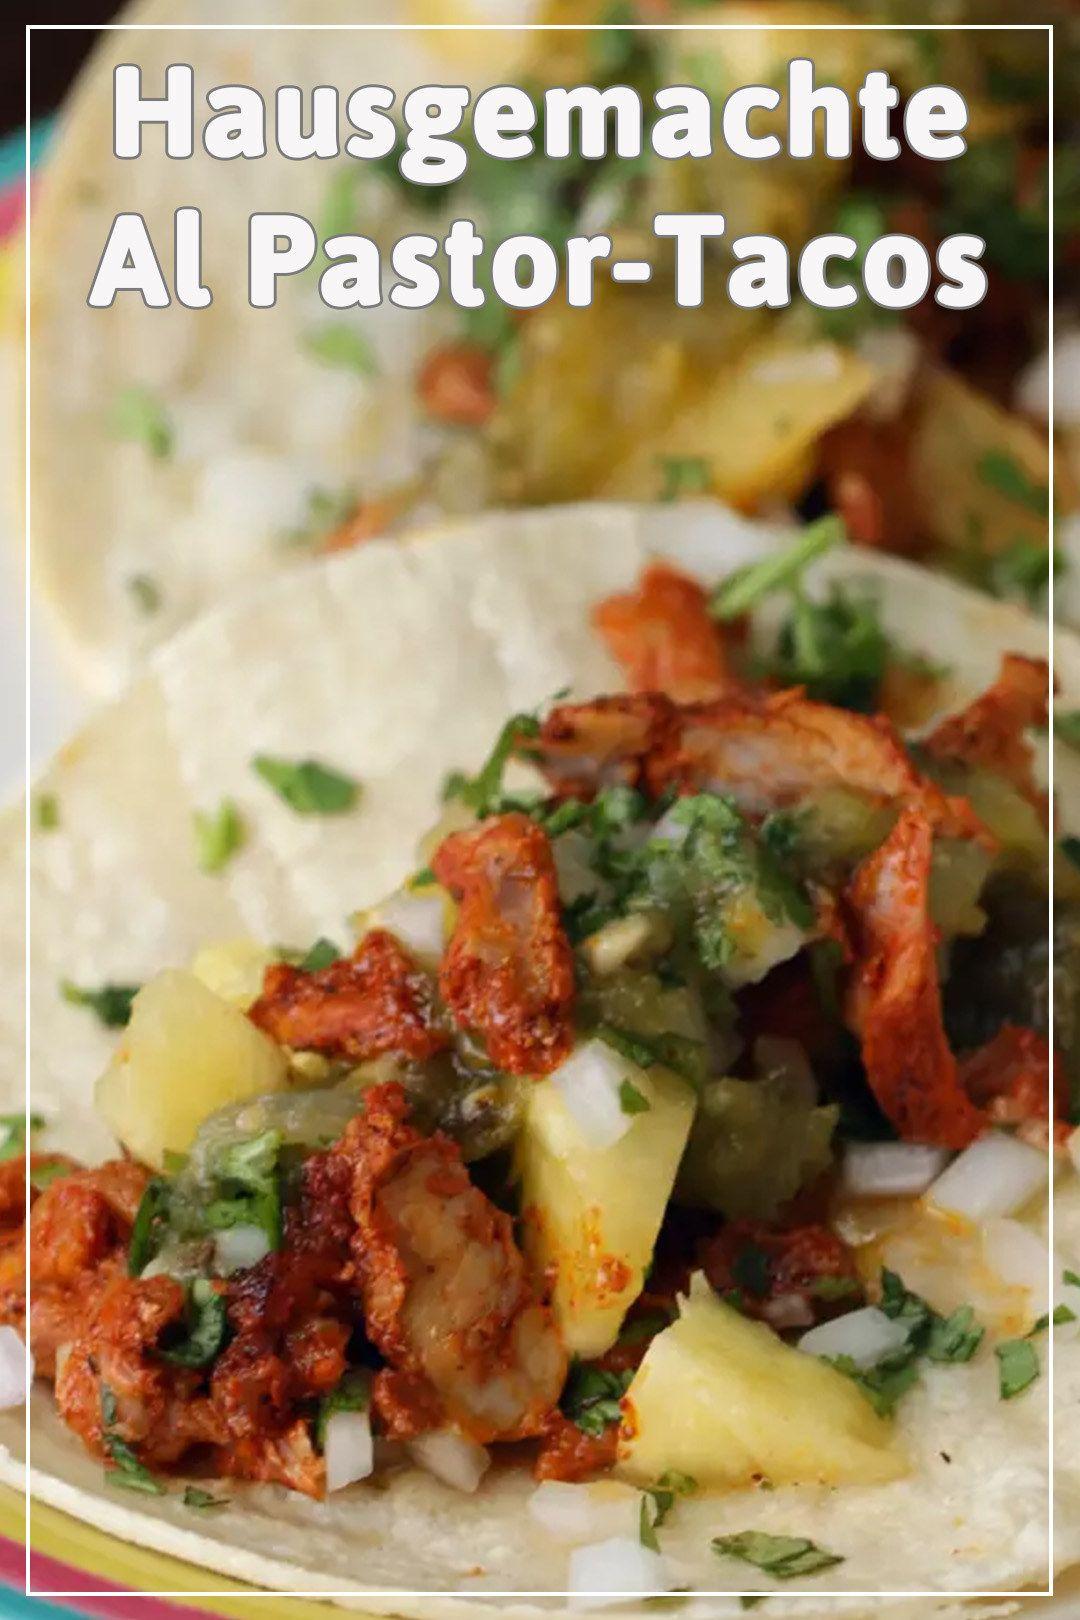 Nach Diesen Tacos Wirst Du Nie Wieder Etwas Anderes Essen Wollen Essen Fleisch Ist Mein Gemuse Mexikanische Kuche